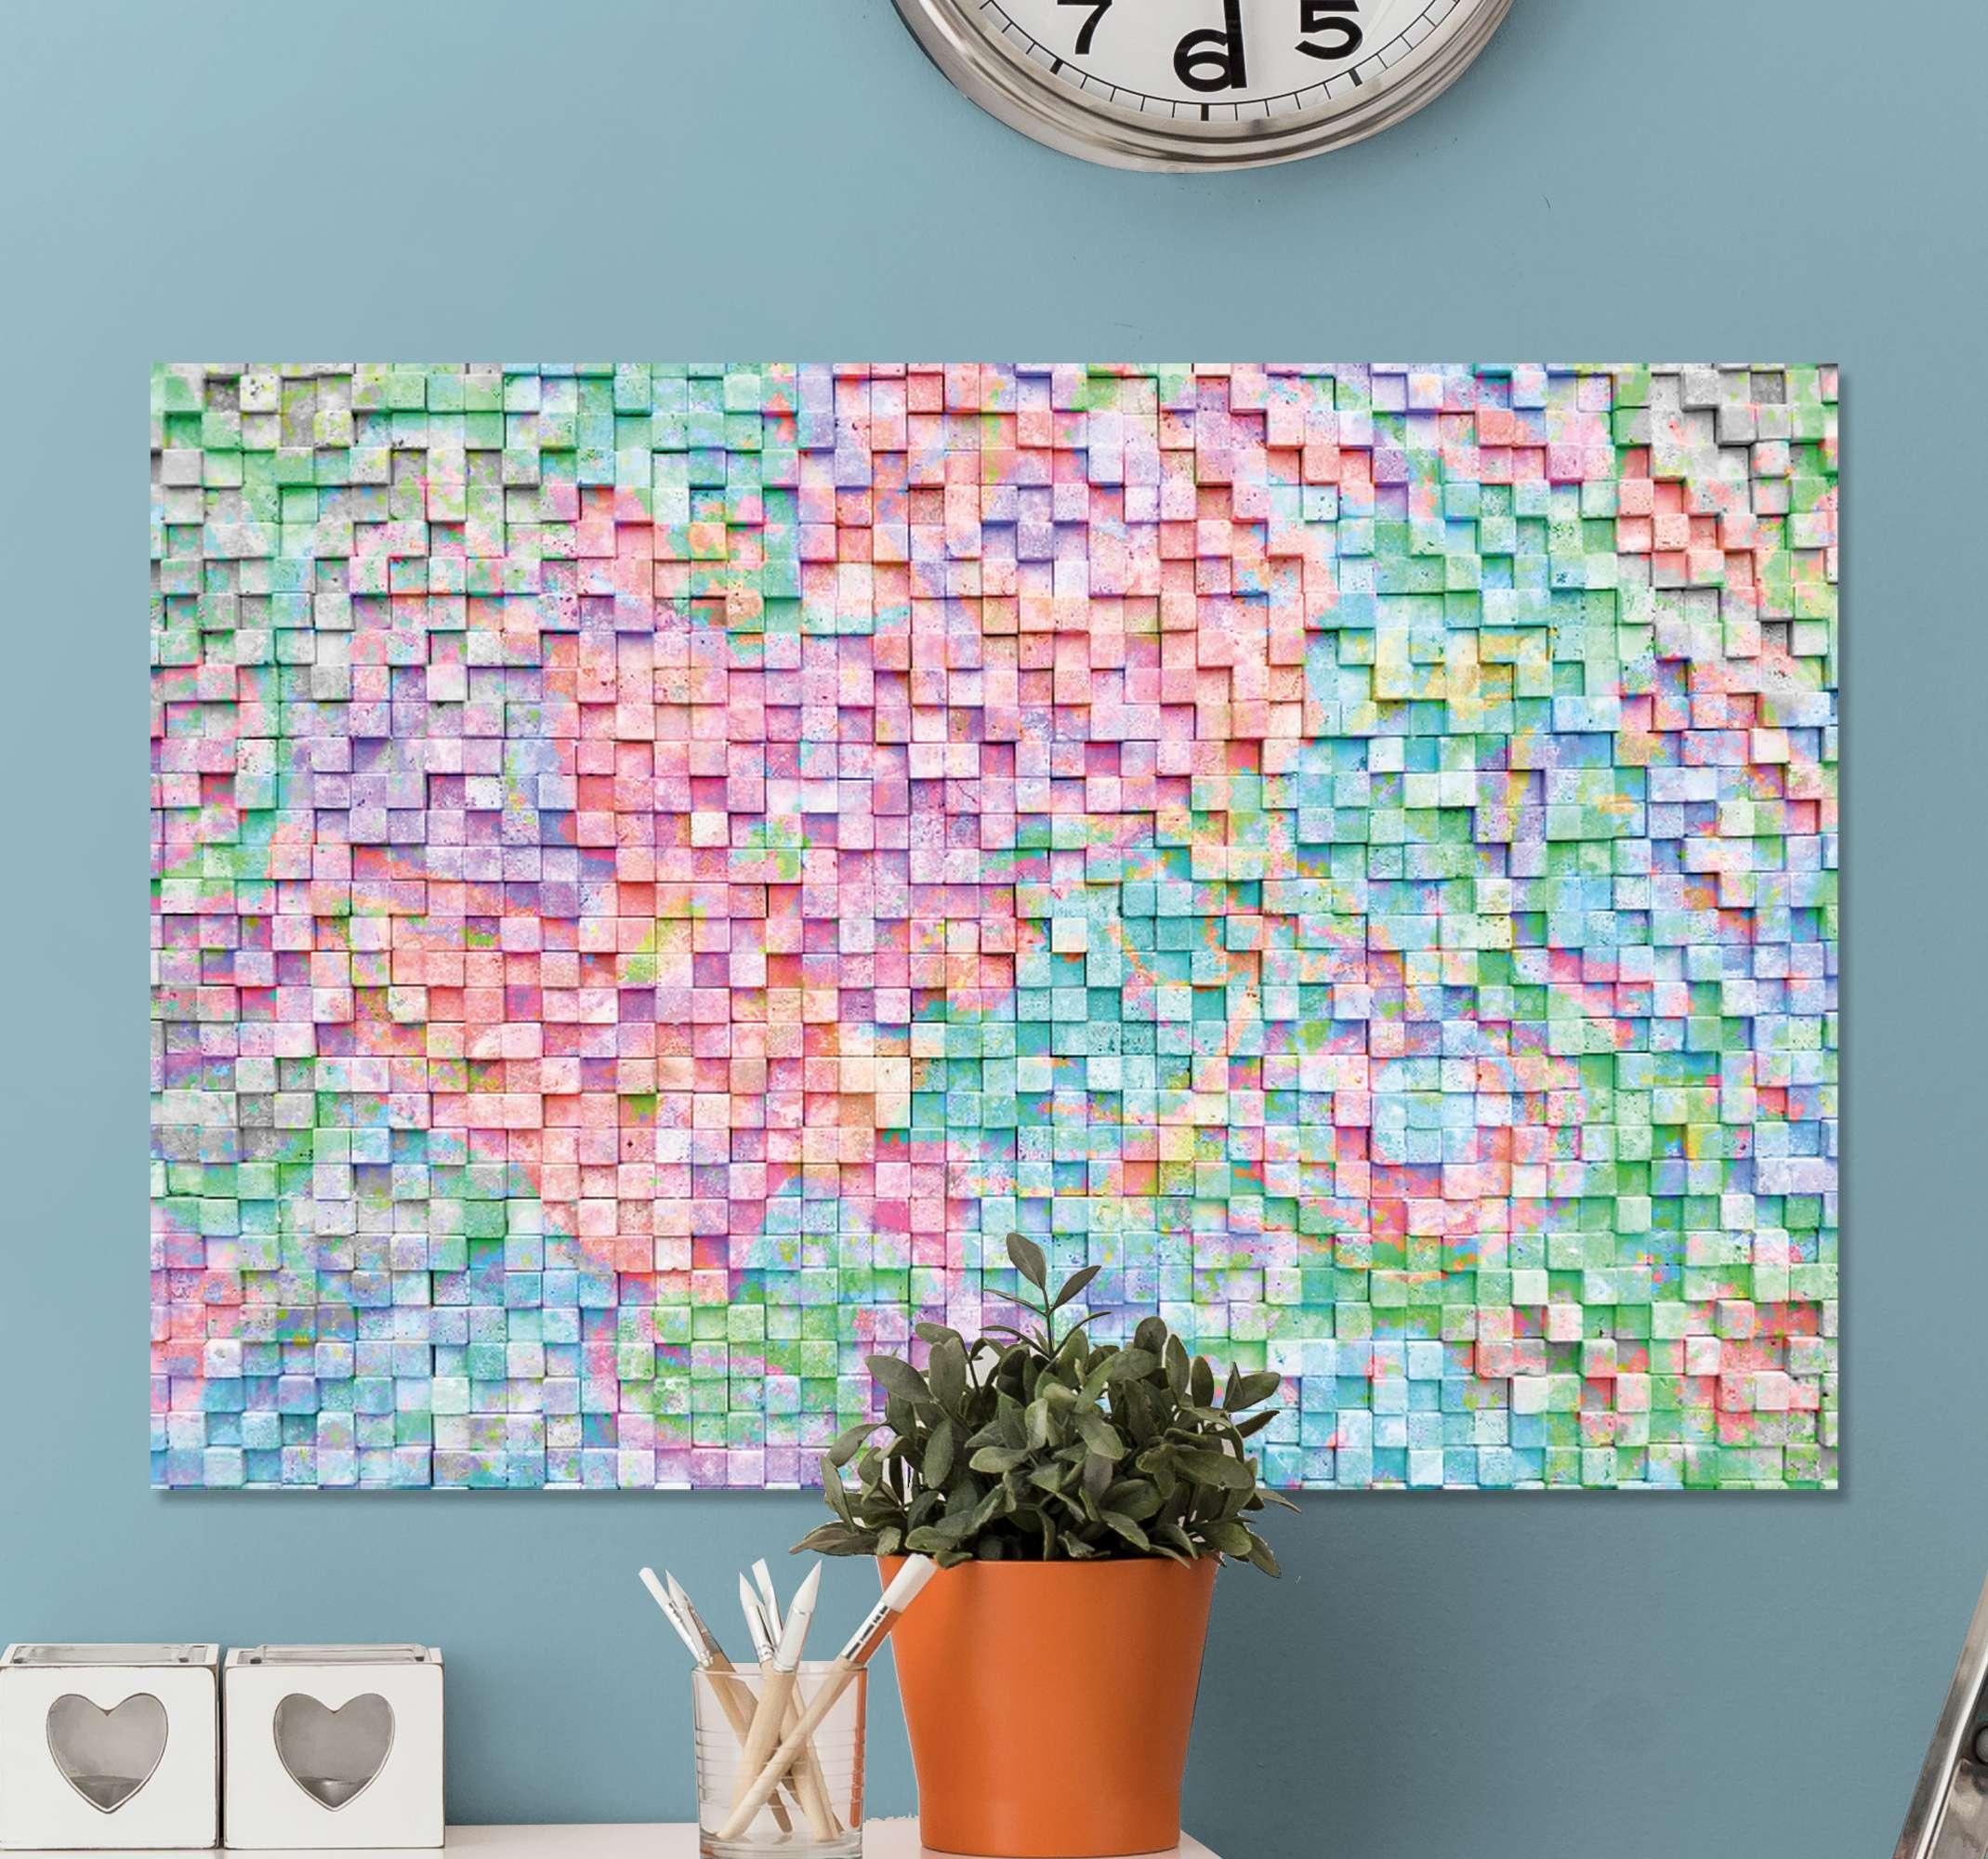 TenStickers. 方形彩色马赛克画布. 购买此令人难以置信的马赛克帆布印花,其中包含多种颜色,以今天更新您的墙壁!提供折扣。